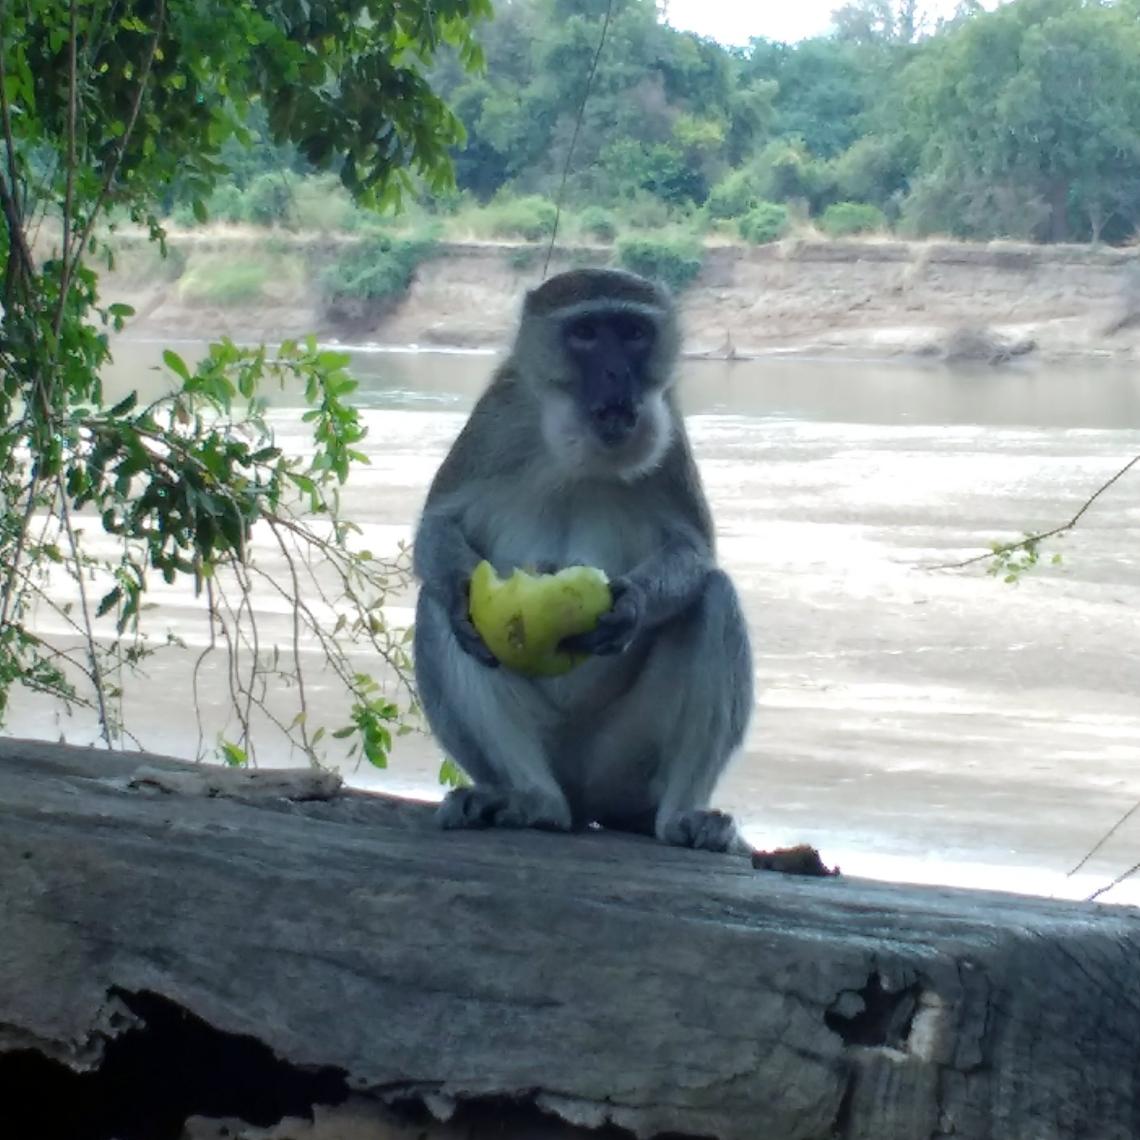 monkey-eating.jpg